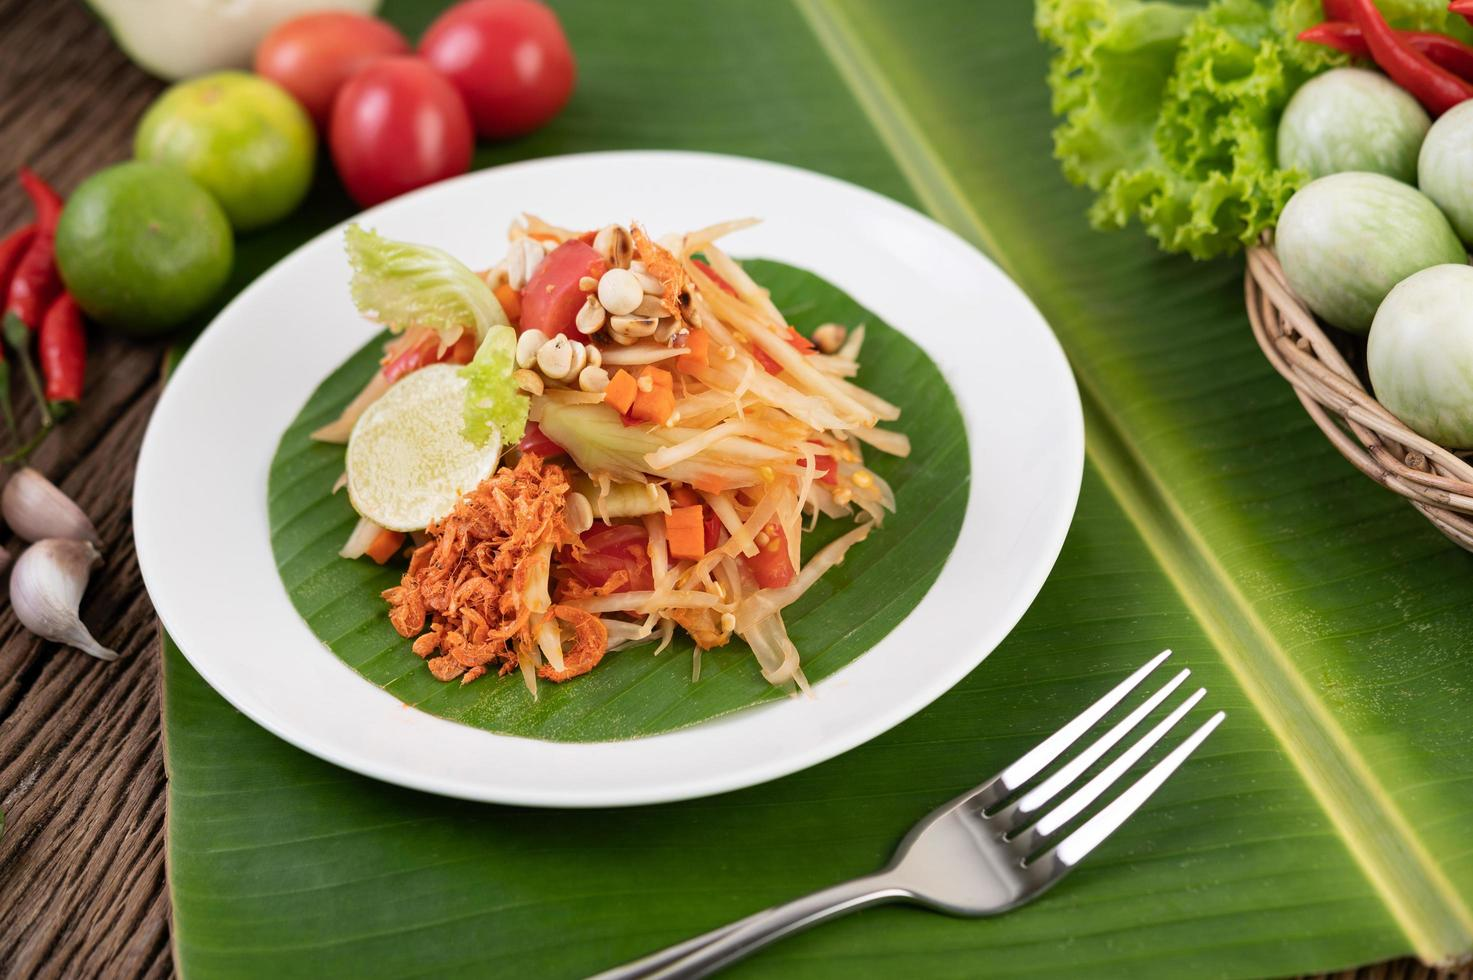 Ensalada tailandesa de papaya con hojas de plátano e ingredientes frescos foto